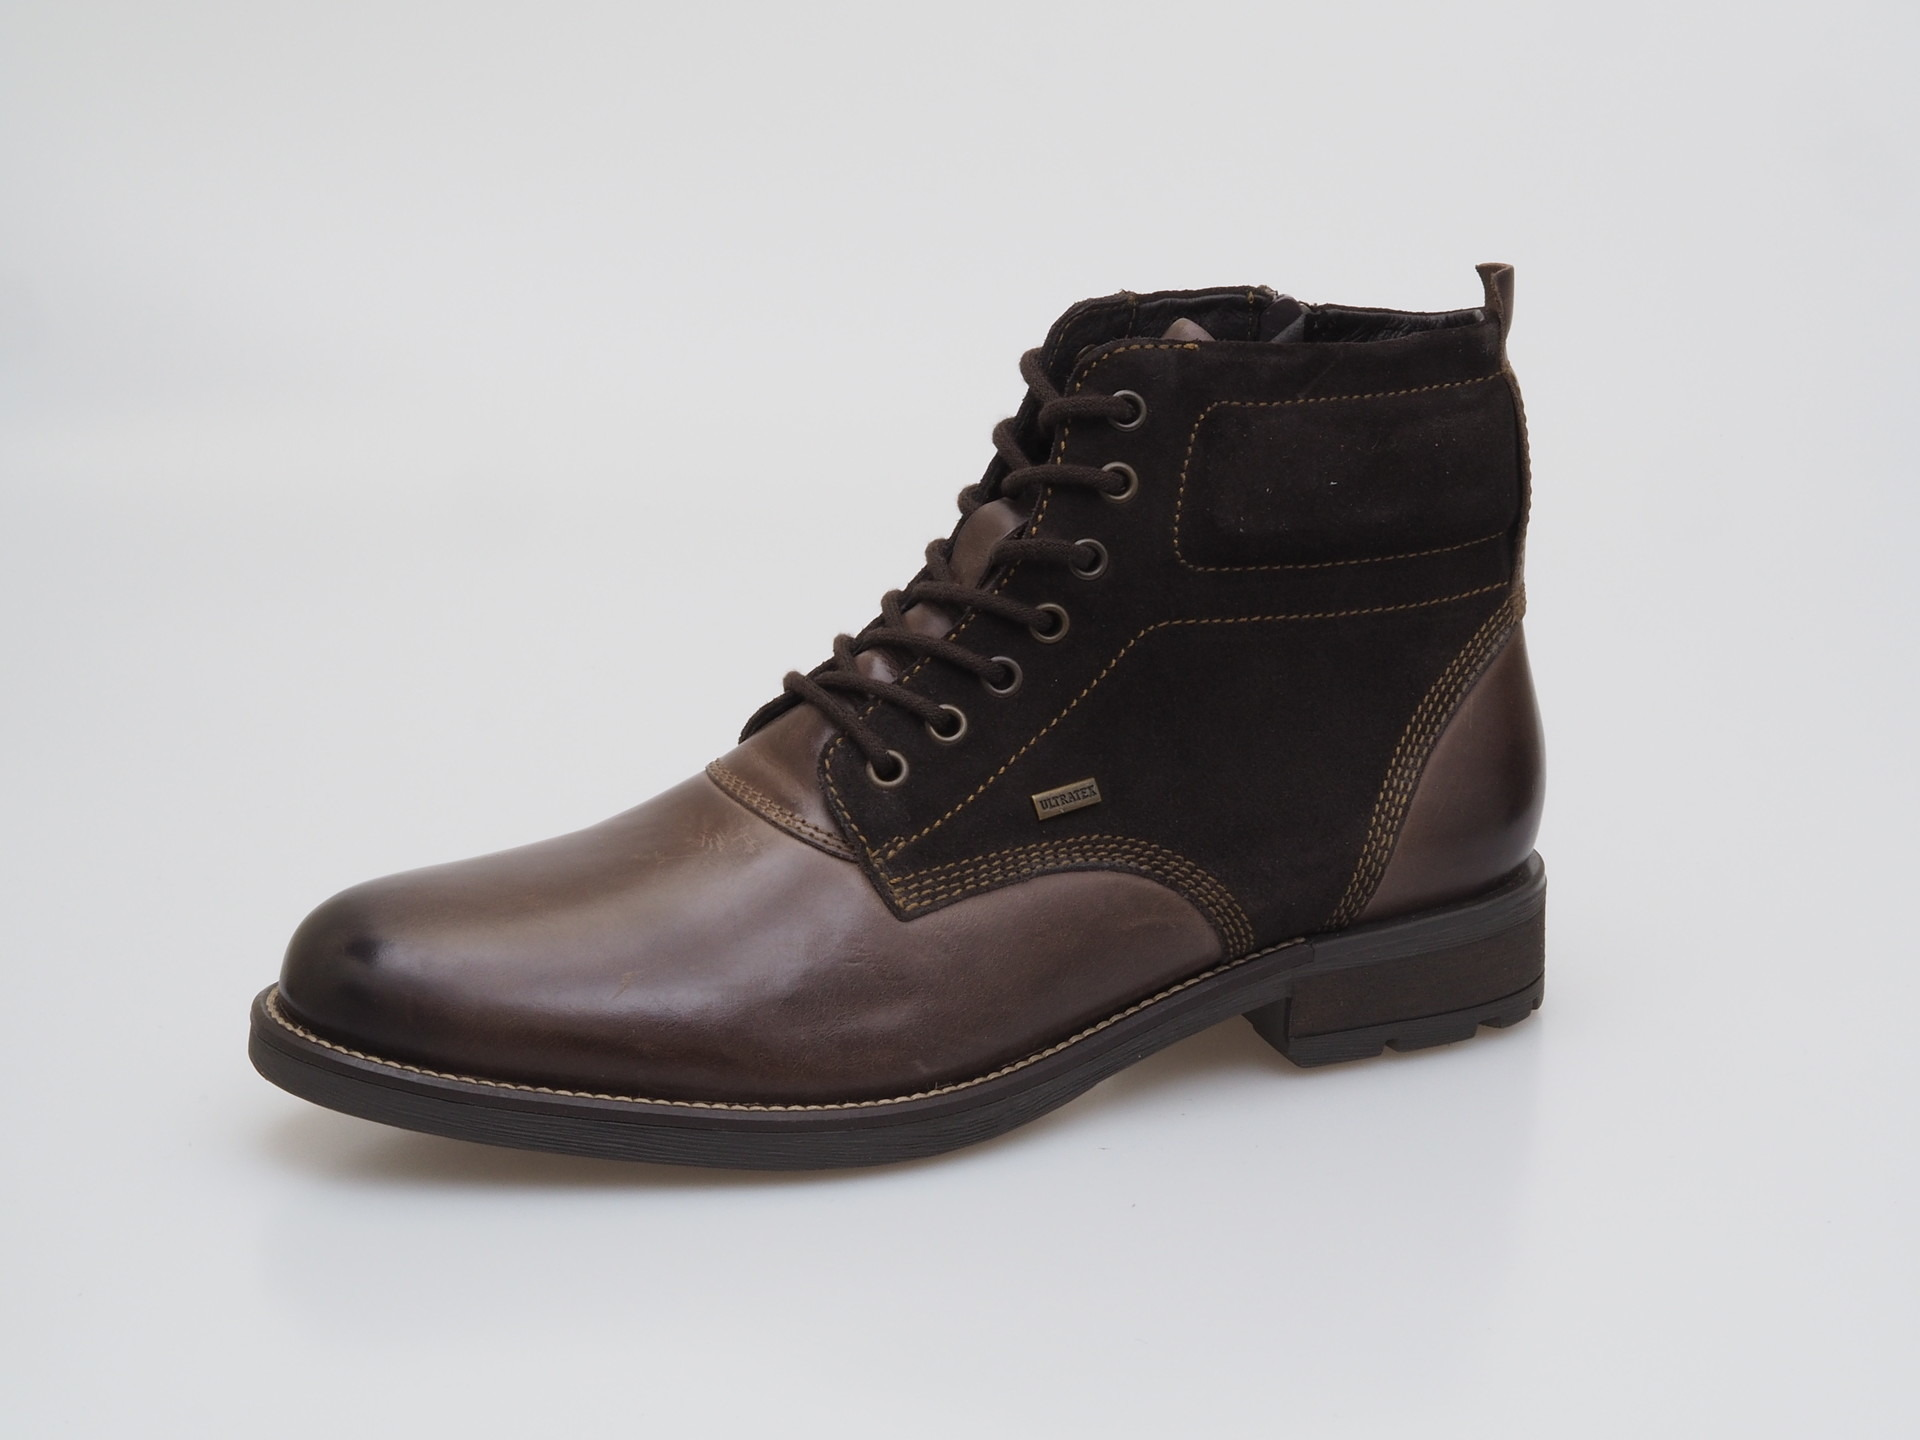 Soňa - Pánska obuv - Zimná - Hnedá pánska šnurovacia obuv zateplená ... 733c3243cab